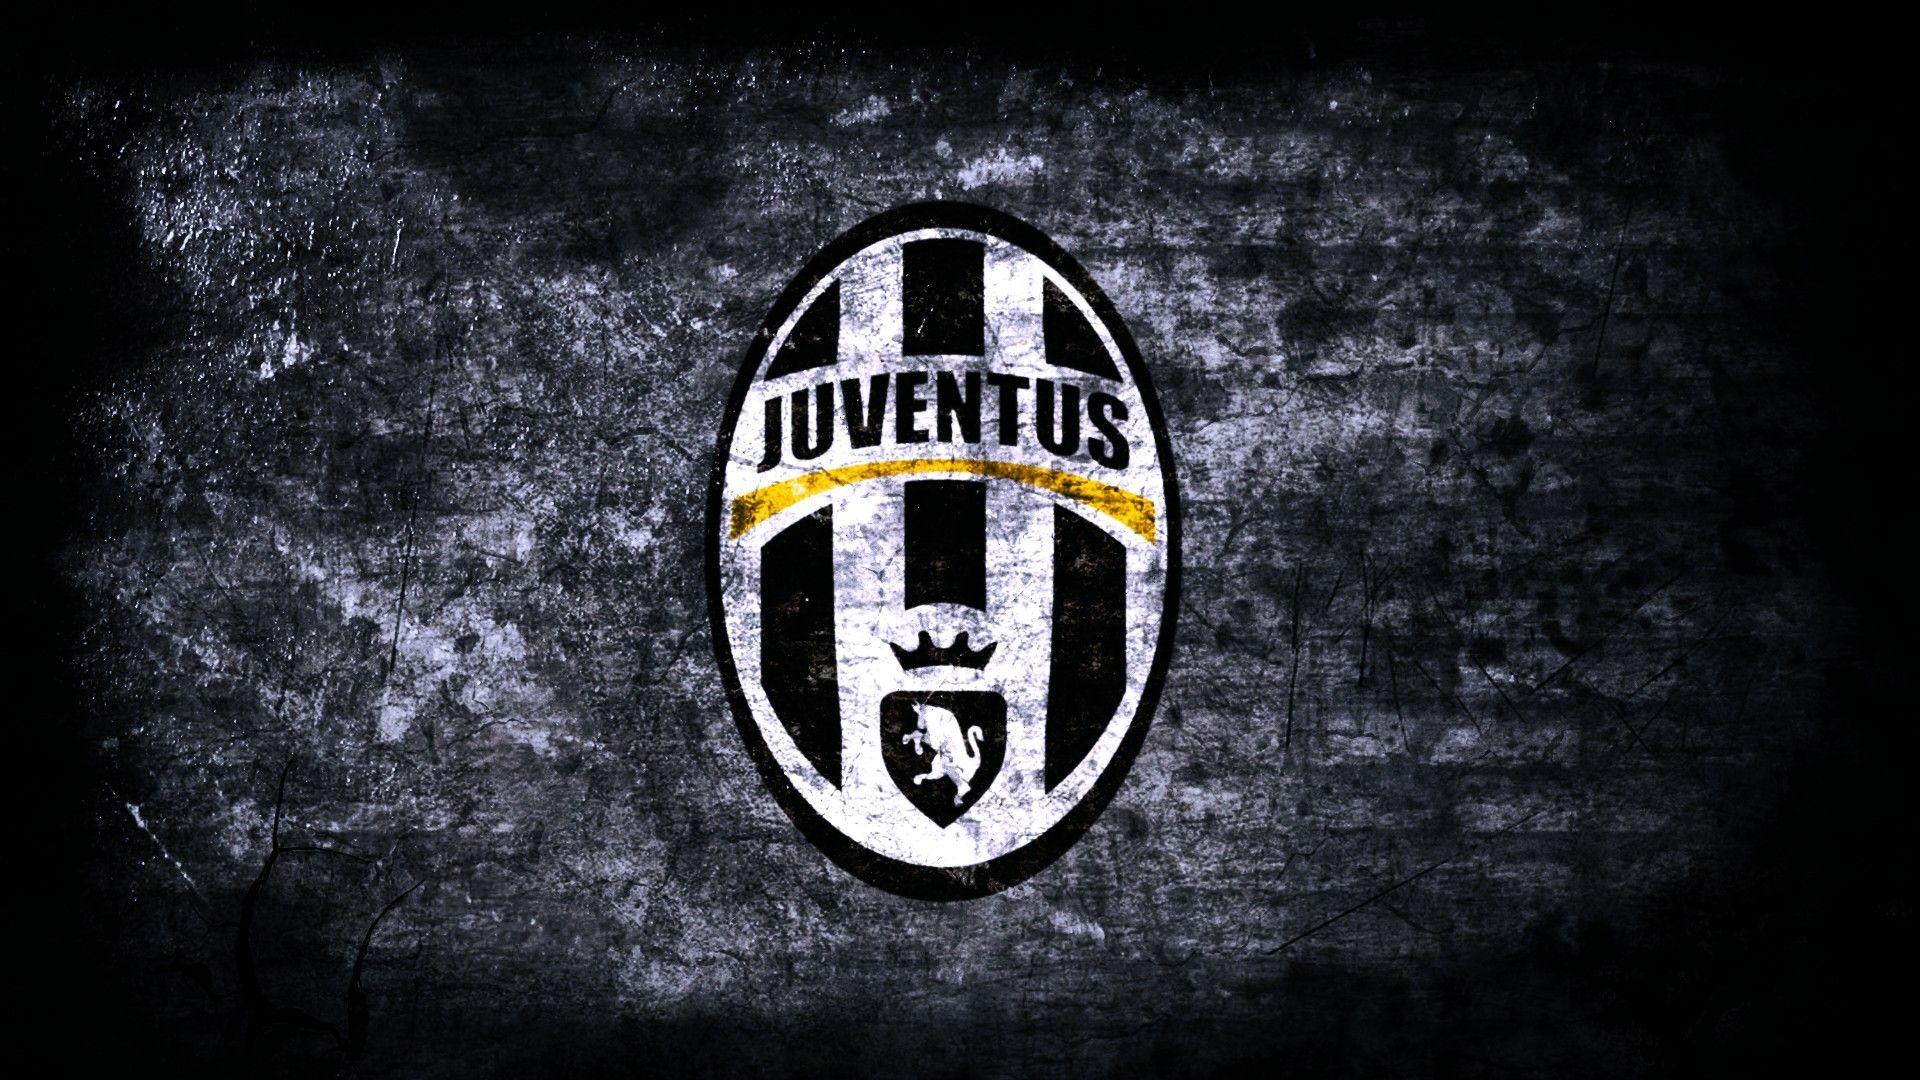 Juventus fc football logo wallpaper black hd wallpapers juventus fc football logo wallpaper black hd wallpapers voltagebd Gallery